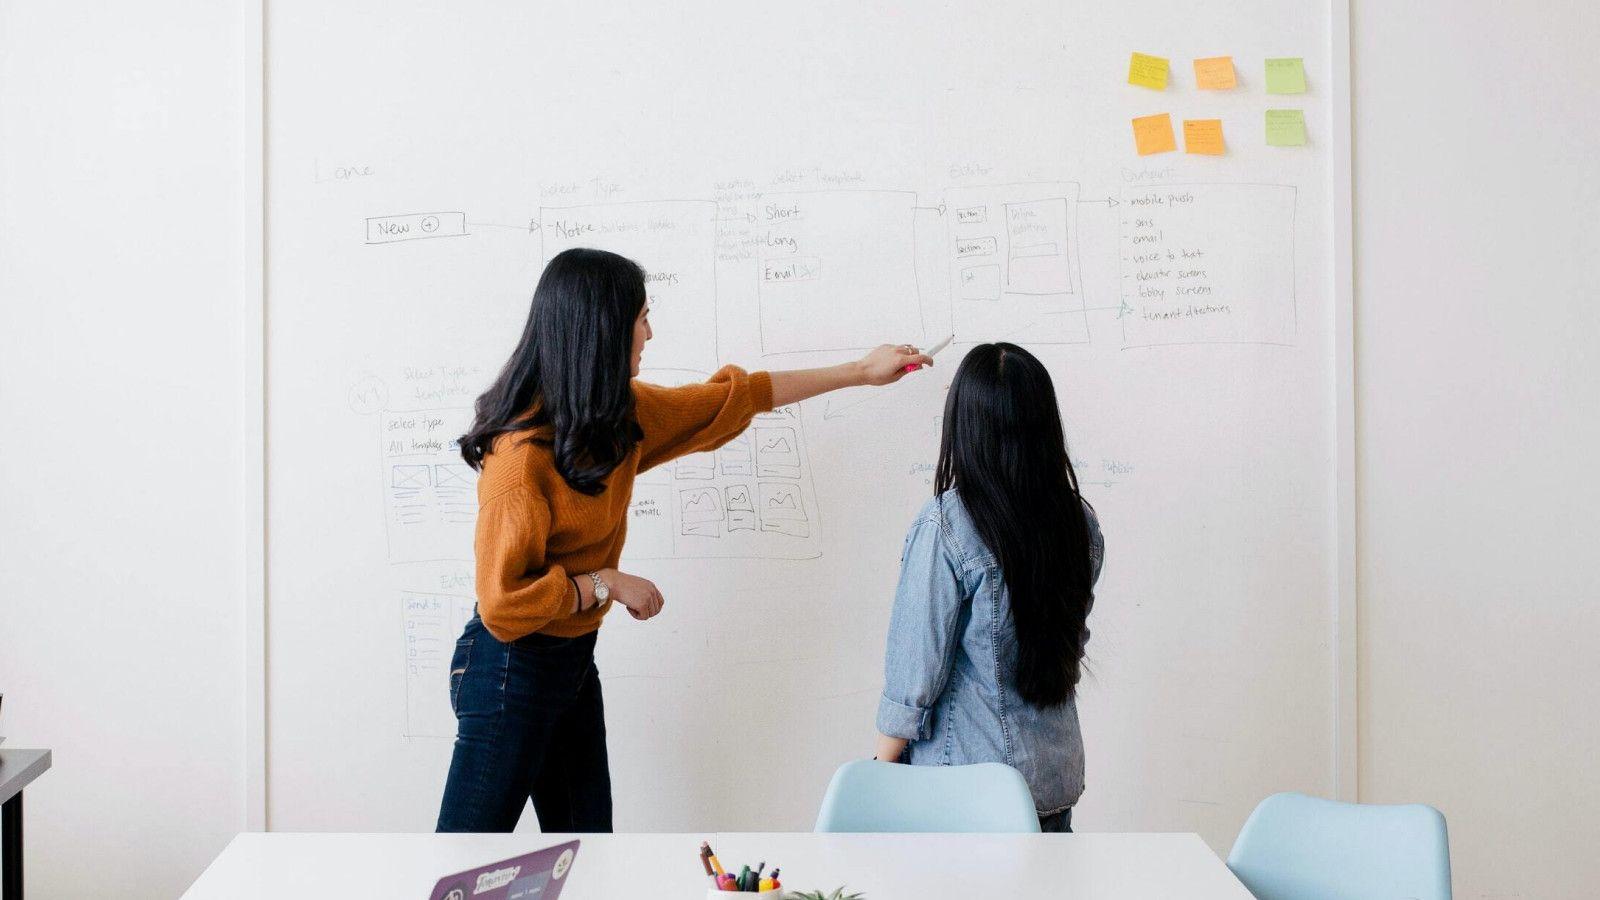 Cómo diseñar un customer journey map